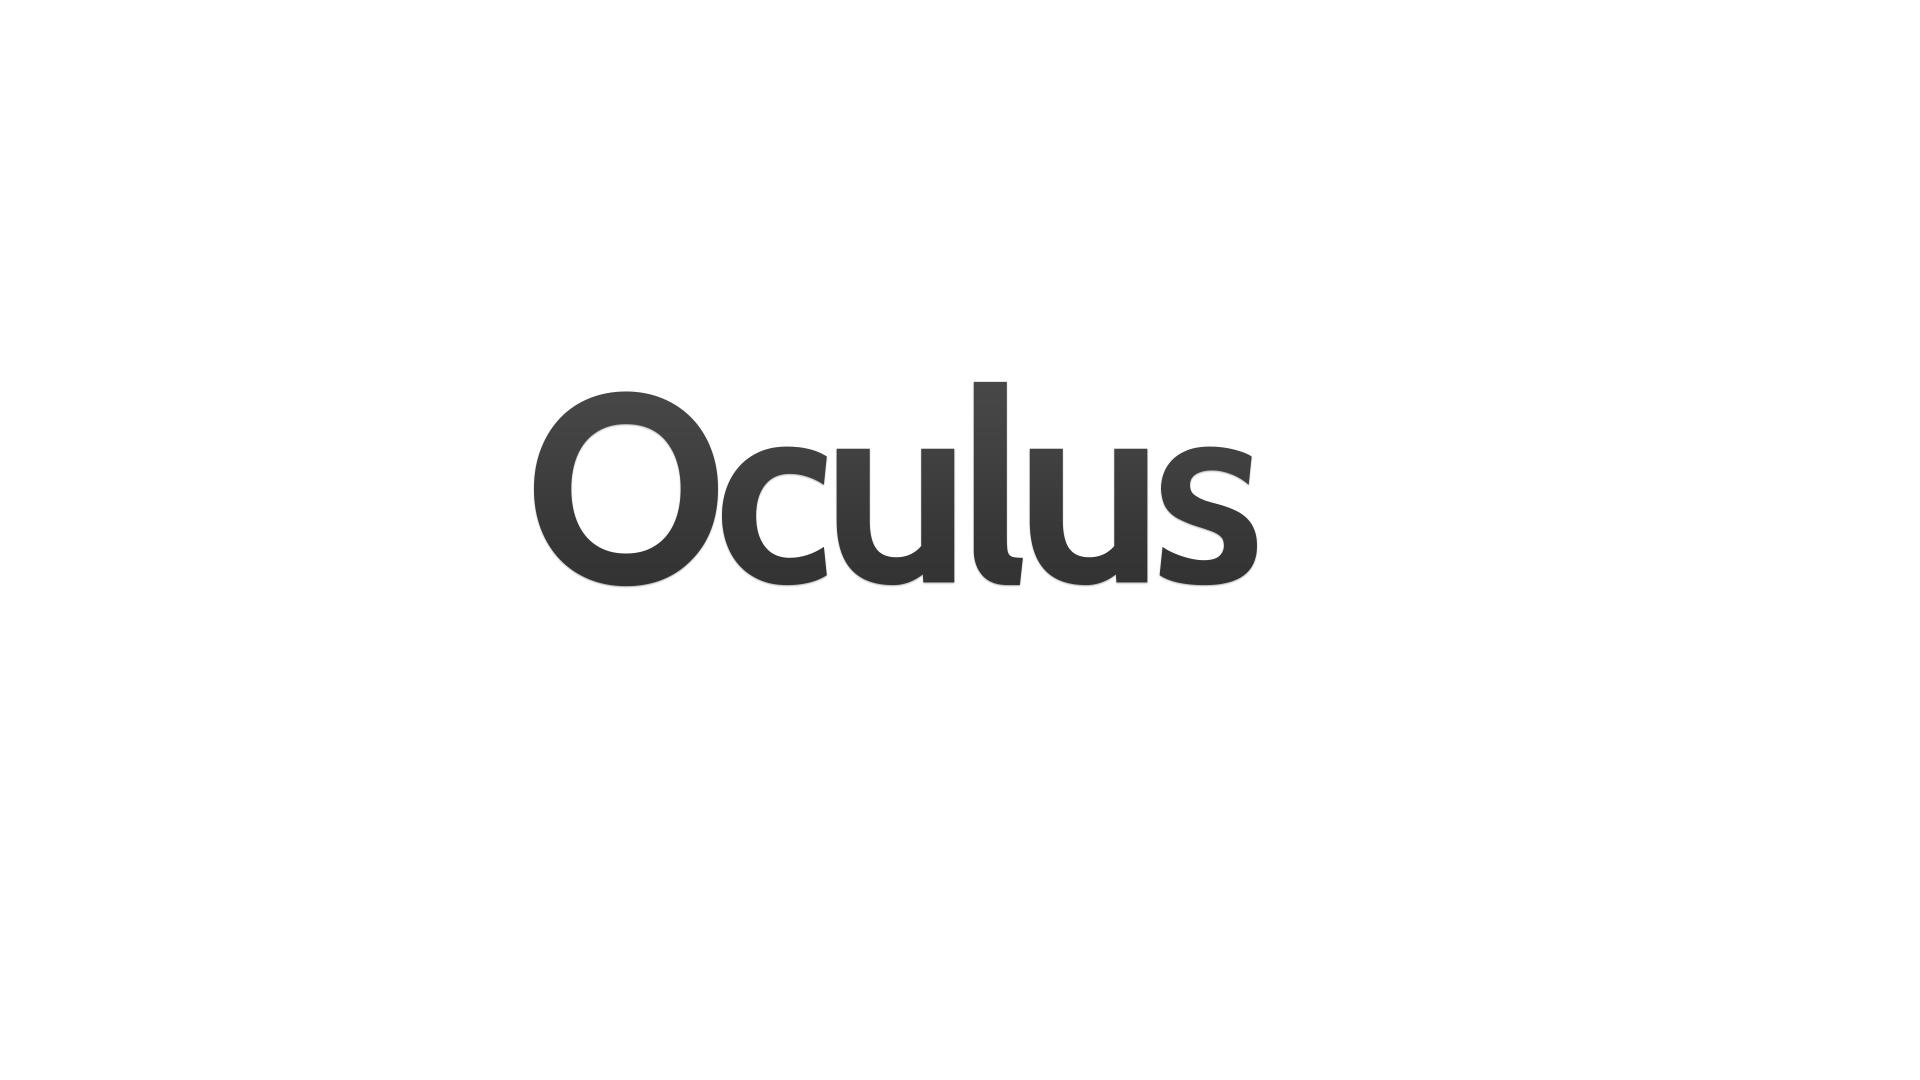 Oculus Shop Update verhindert, dass Spiele von Betrieb auf einer nicht-Rift-Hardware - http://letztetechnologie.com/oculus-shop-update-verhindert-dass-spiele-von-betrieb-auf-einer-nicht-rift-hardware/